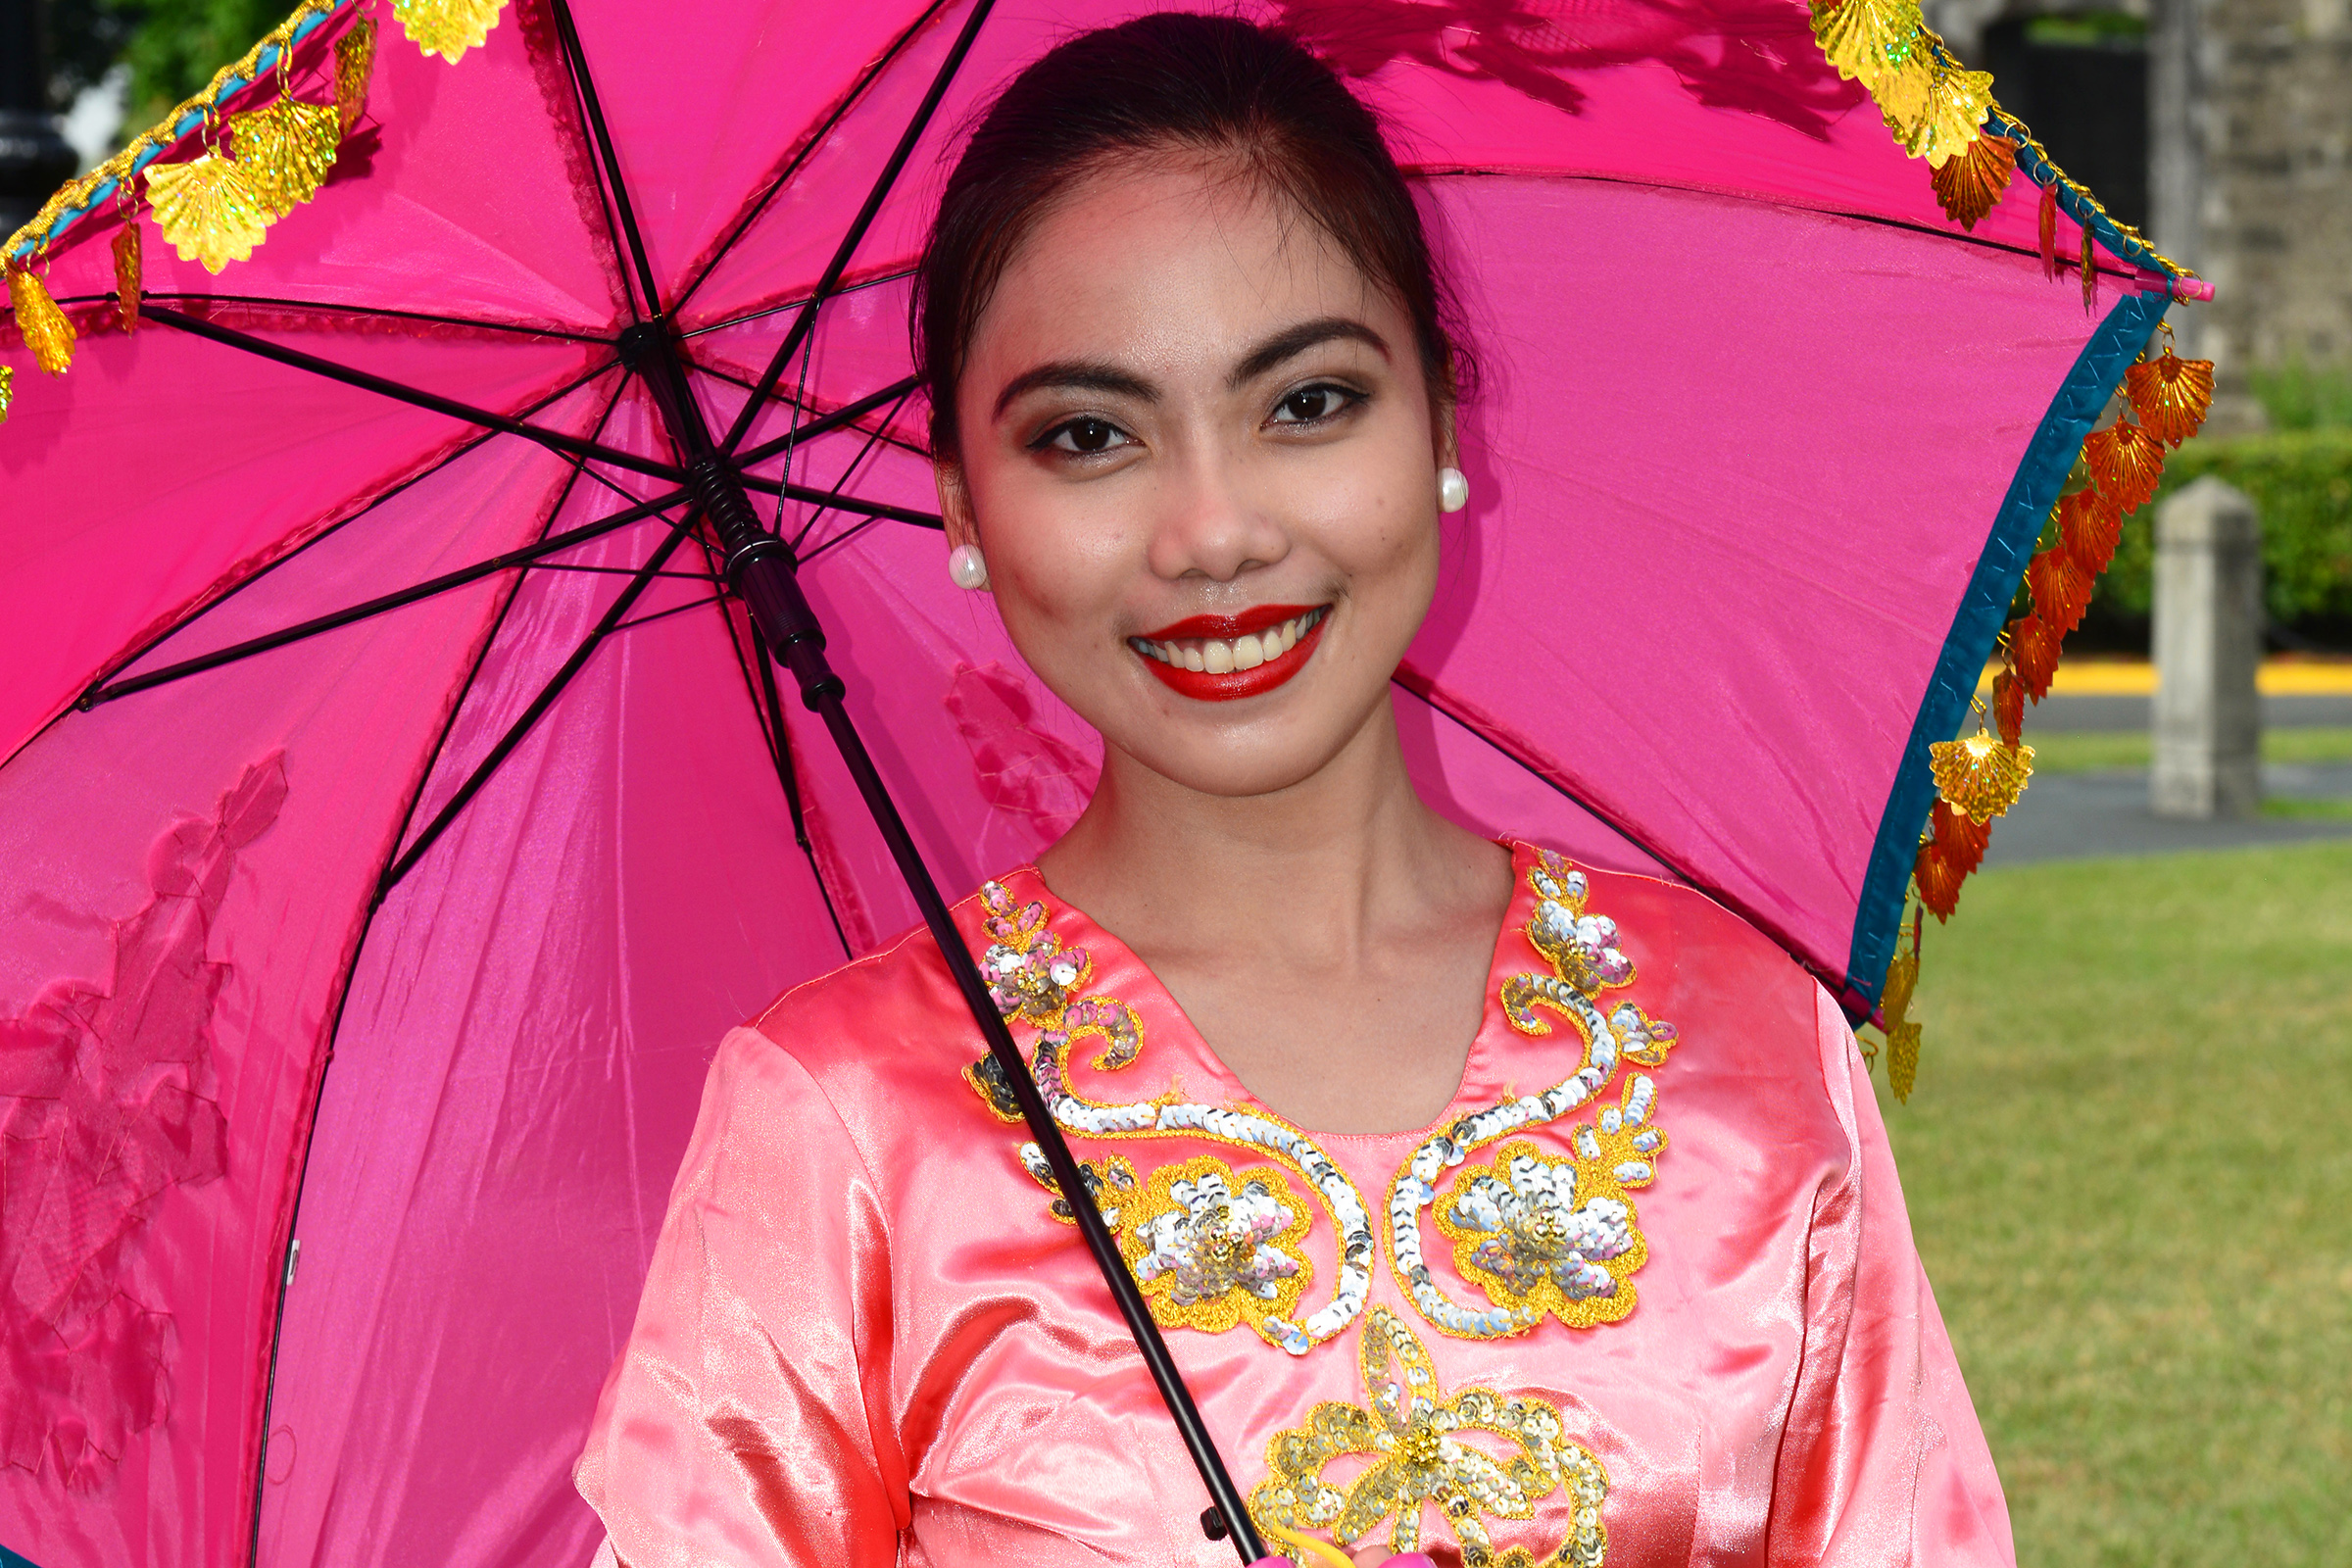 Fülöp szigeti emberek